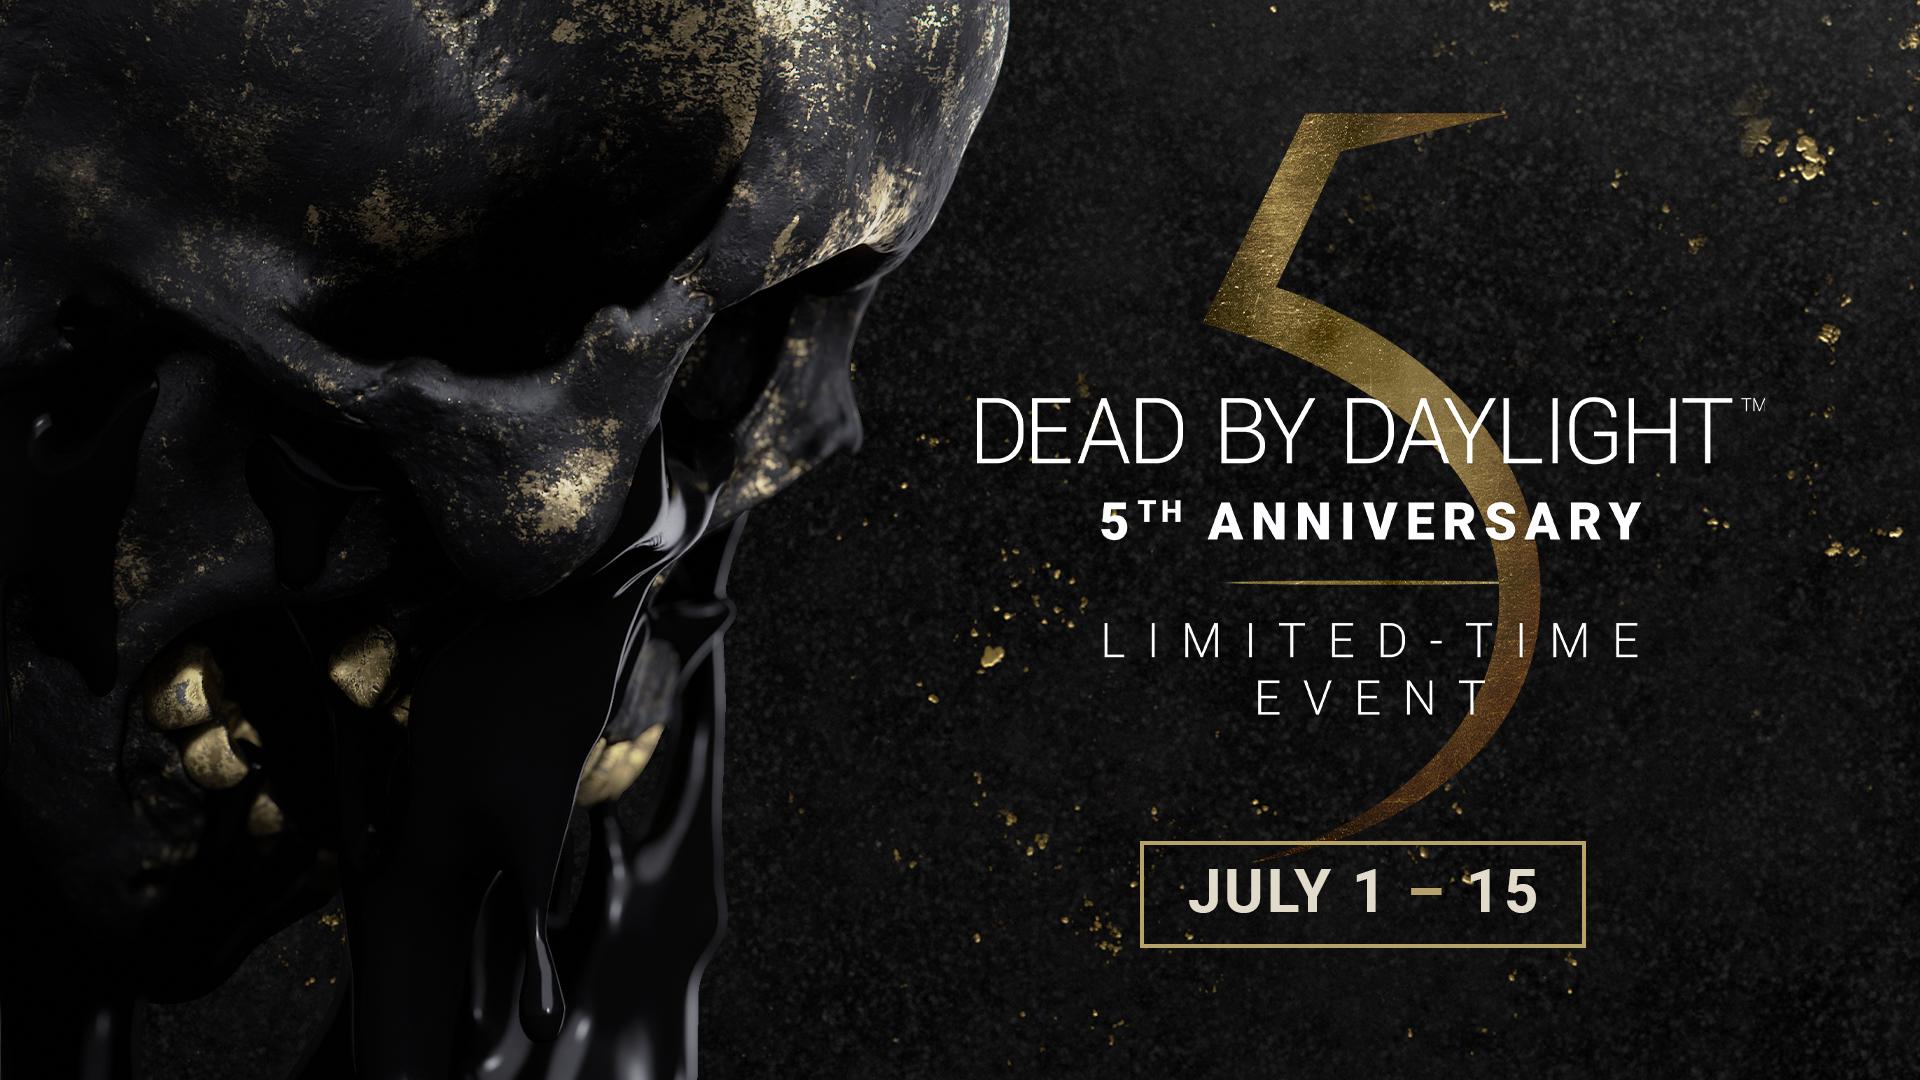 Zeitlich begrenzte Veranstaltung zum 5. Jahrestag